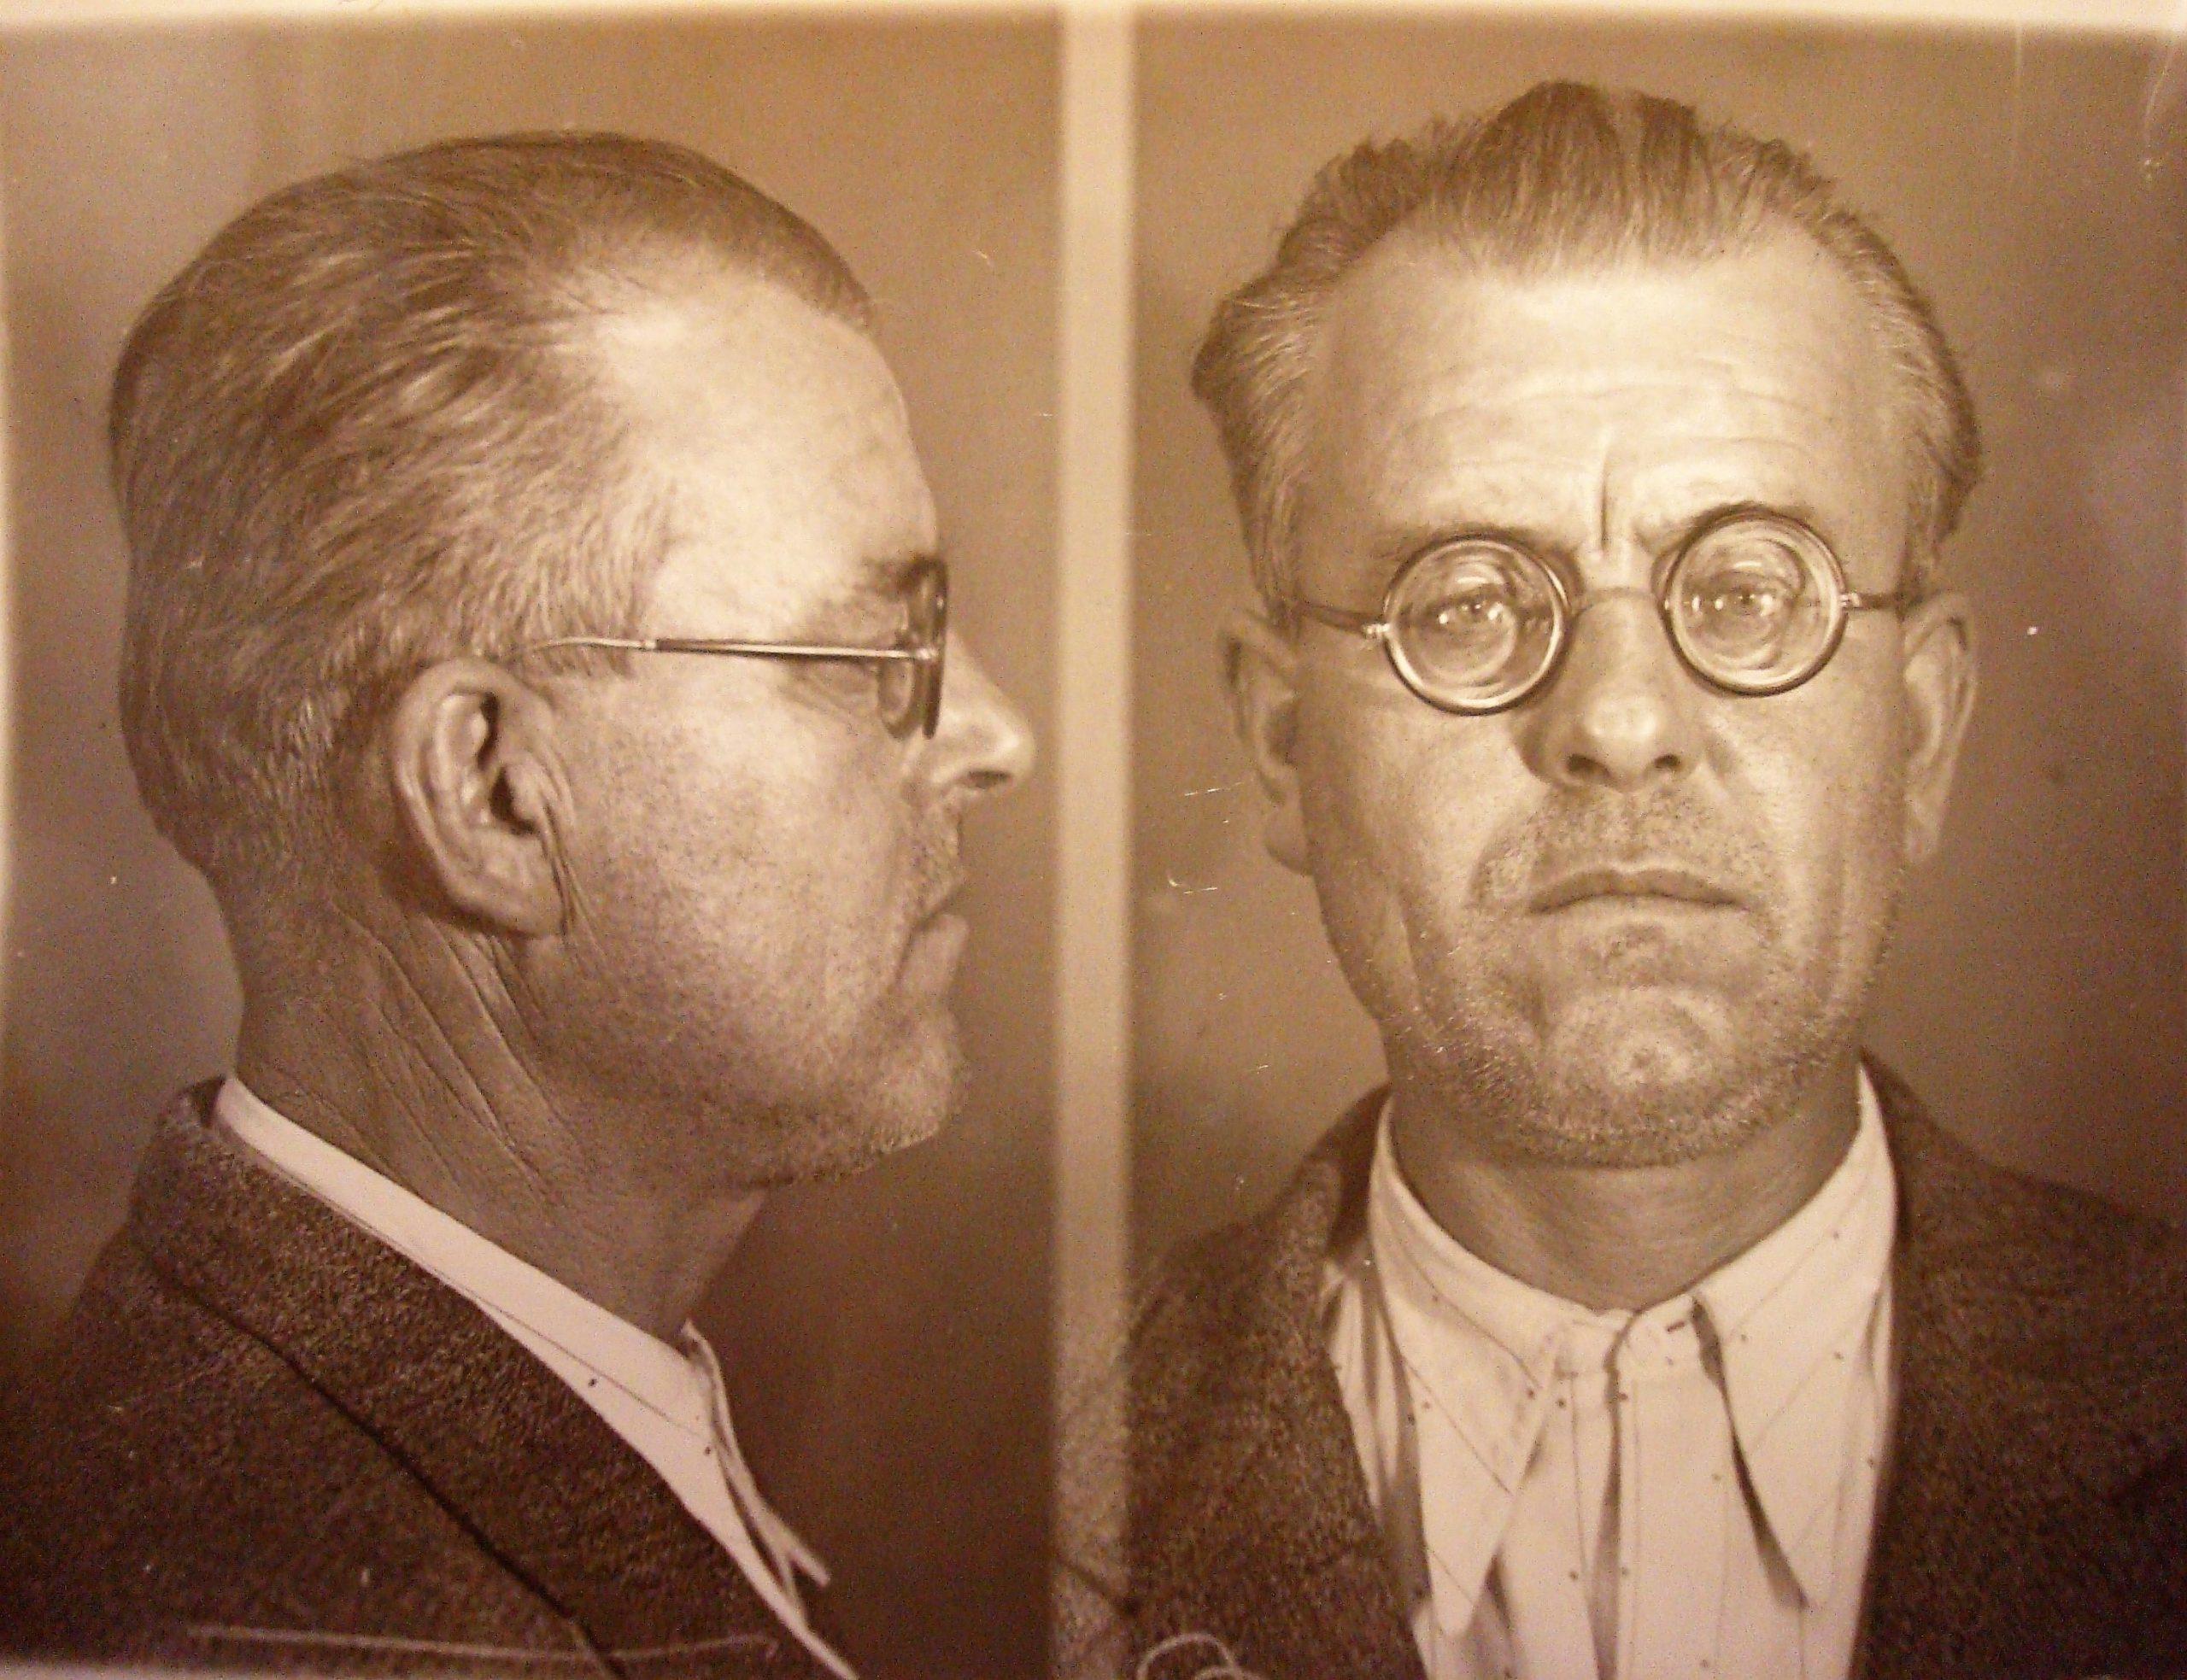 Foto di Agostino Pietrobuoni nel suo fascicolo della Questura di Bologna. Archivio di Stato di Bologna.